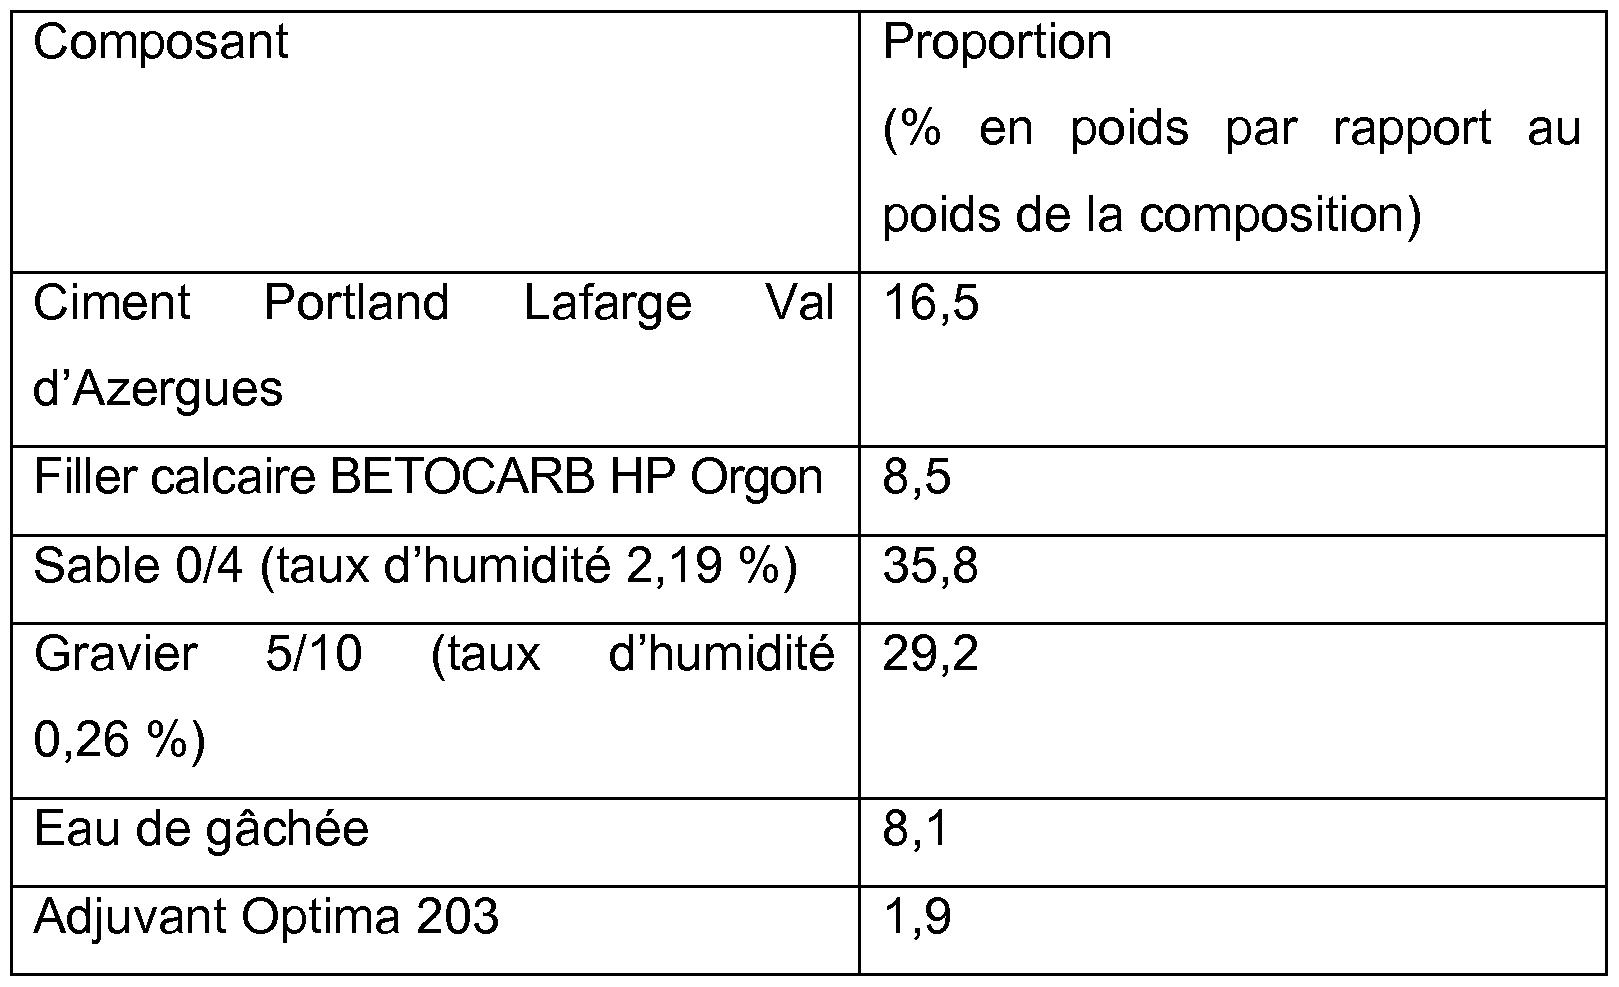 brevet ep2488279a1 utilisation d 39 un element a base de beton pour le traitement de gaz et de. Black Bedroom Furniture Sets. Home Design Ideas